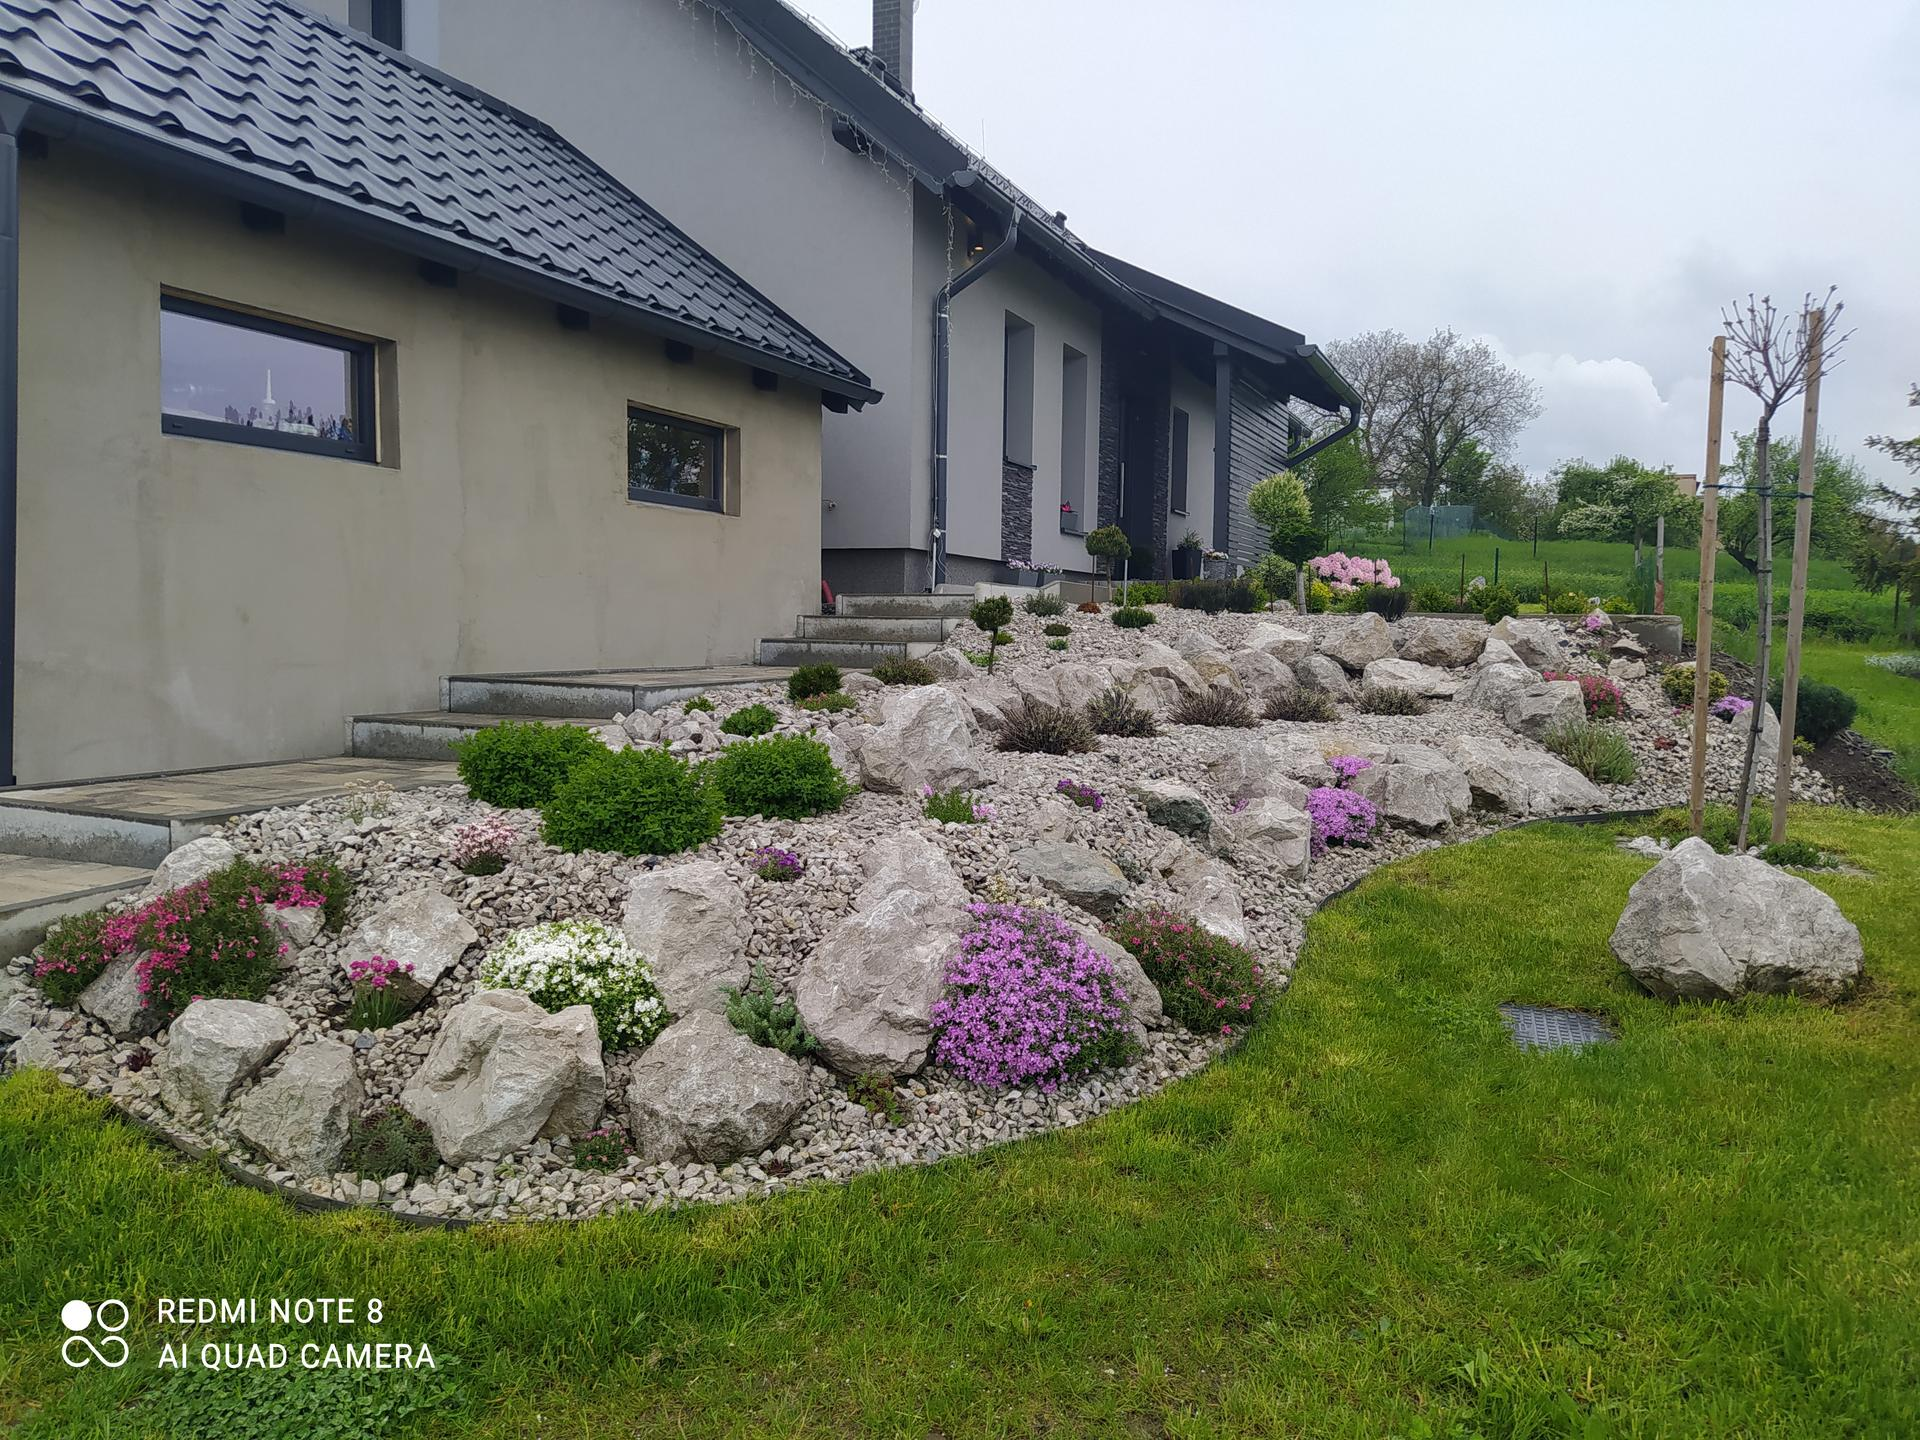 Zahrada a venkovní úpravy pokračujeme 2021 - Obrázek č. 27